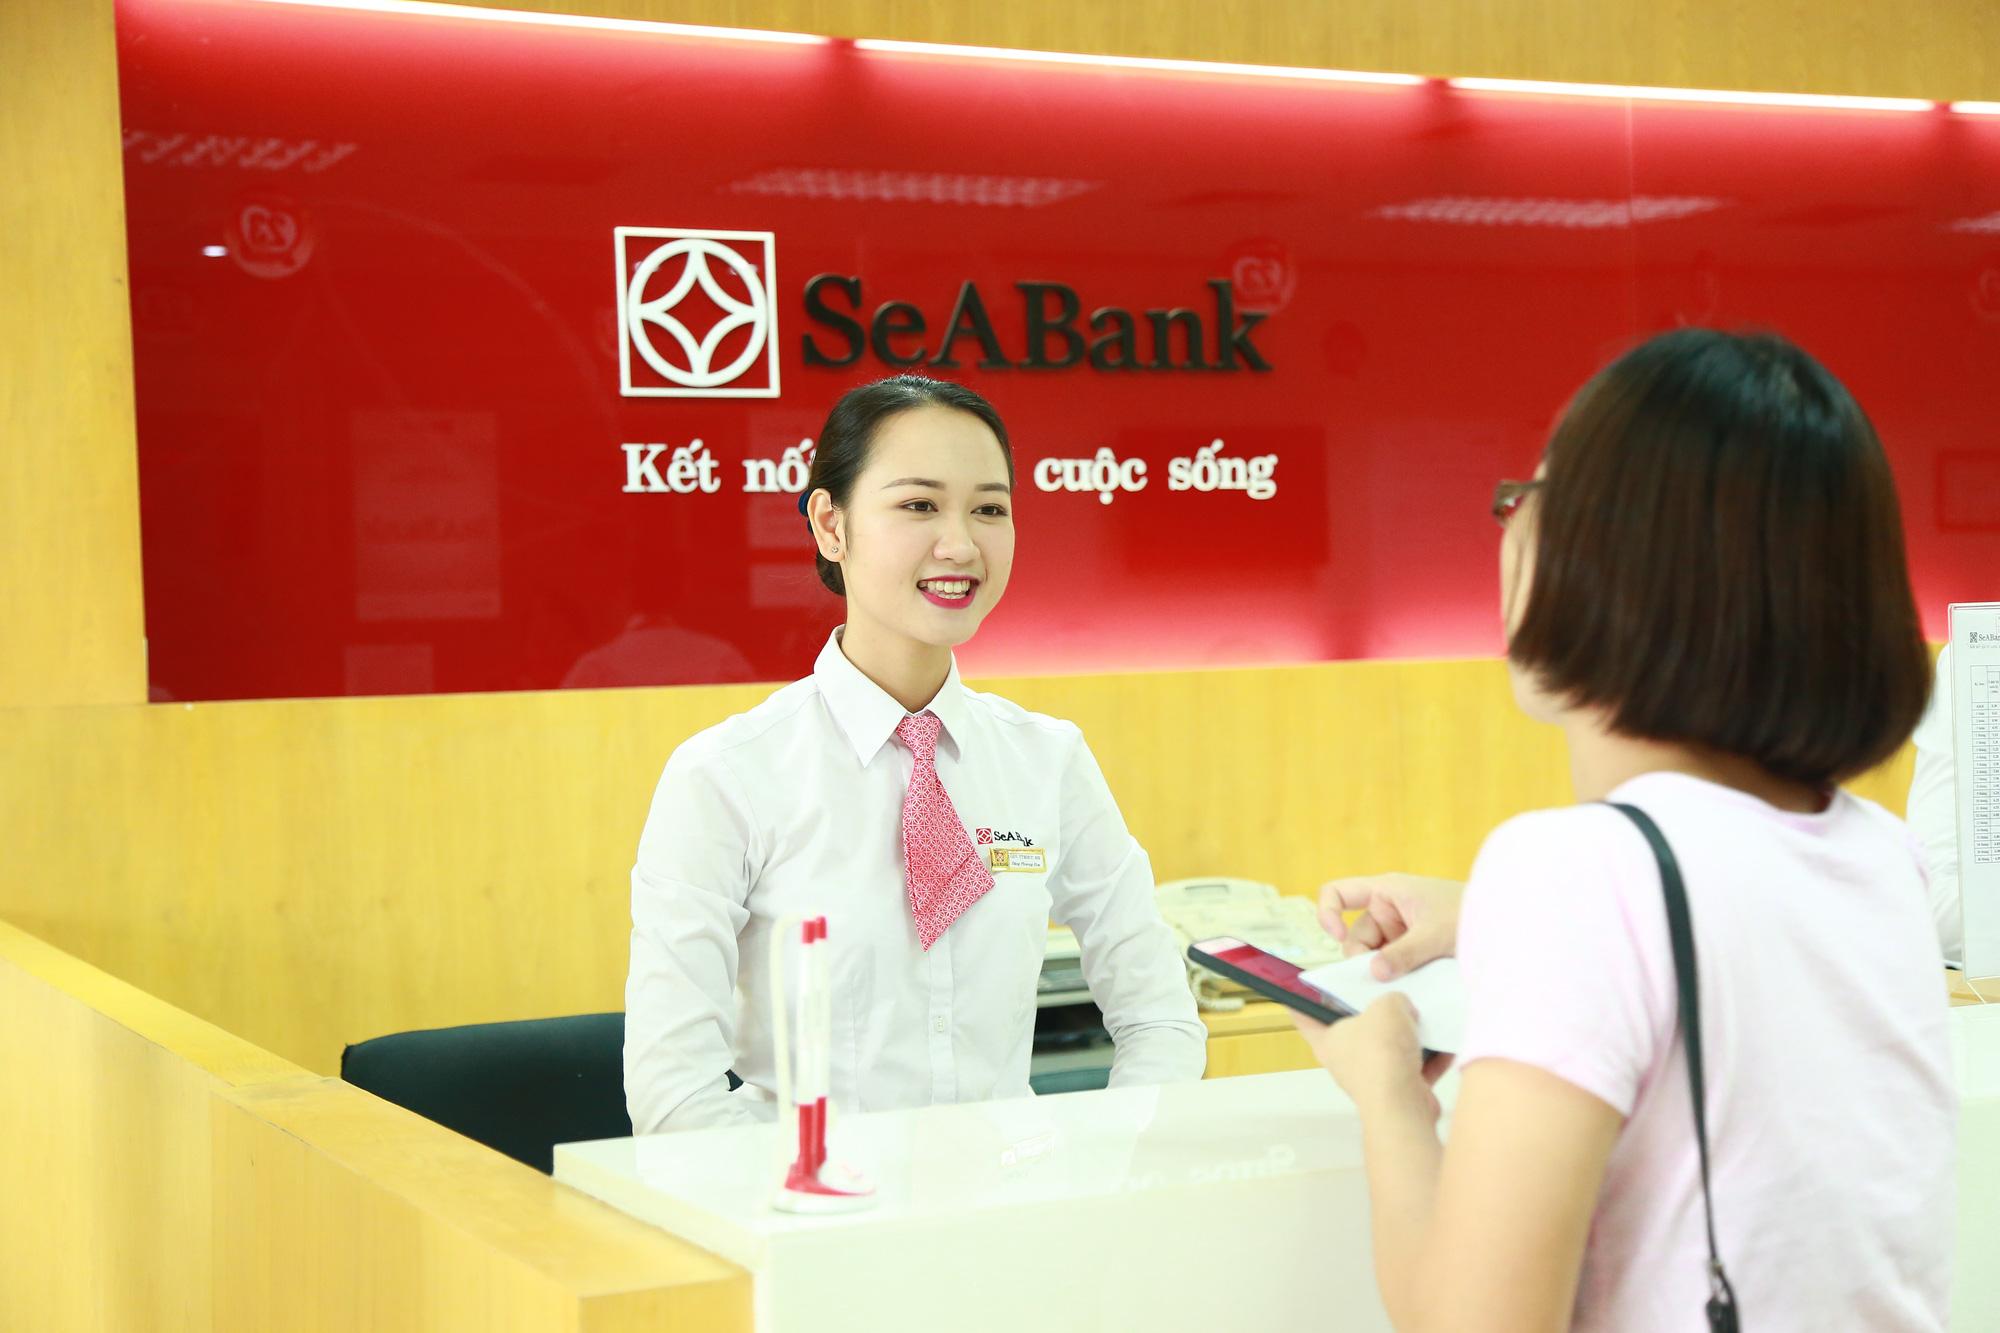 SeABank đặt mục tiêu lợi nhuận trước thuế đạt hơn 2.400 tỷ đồng, tăng vốn điều lệ lên 15.238 tỷ đồng - Ảnh 2.